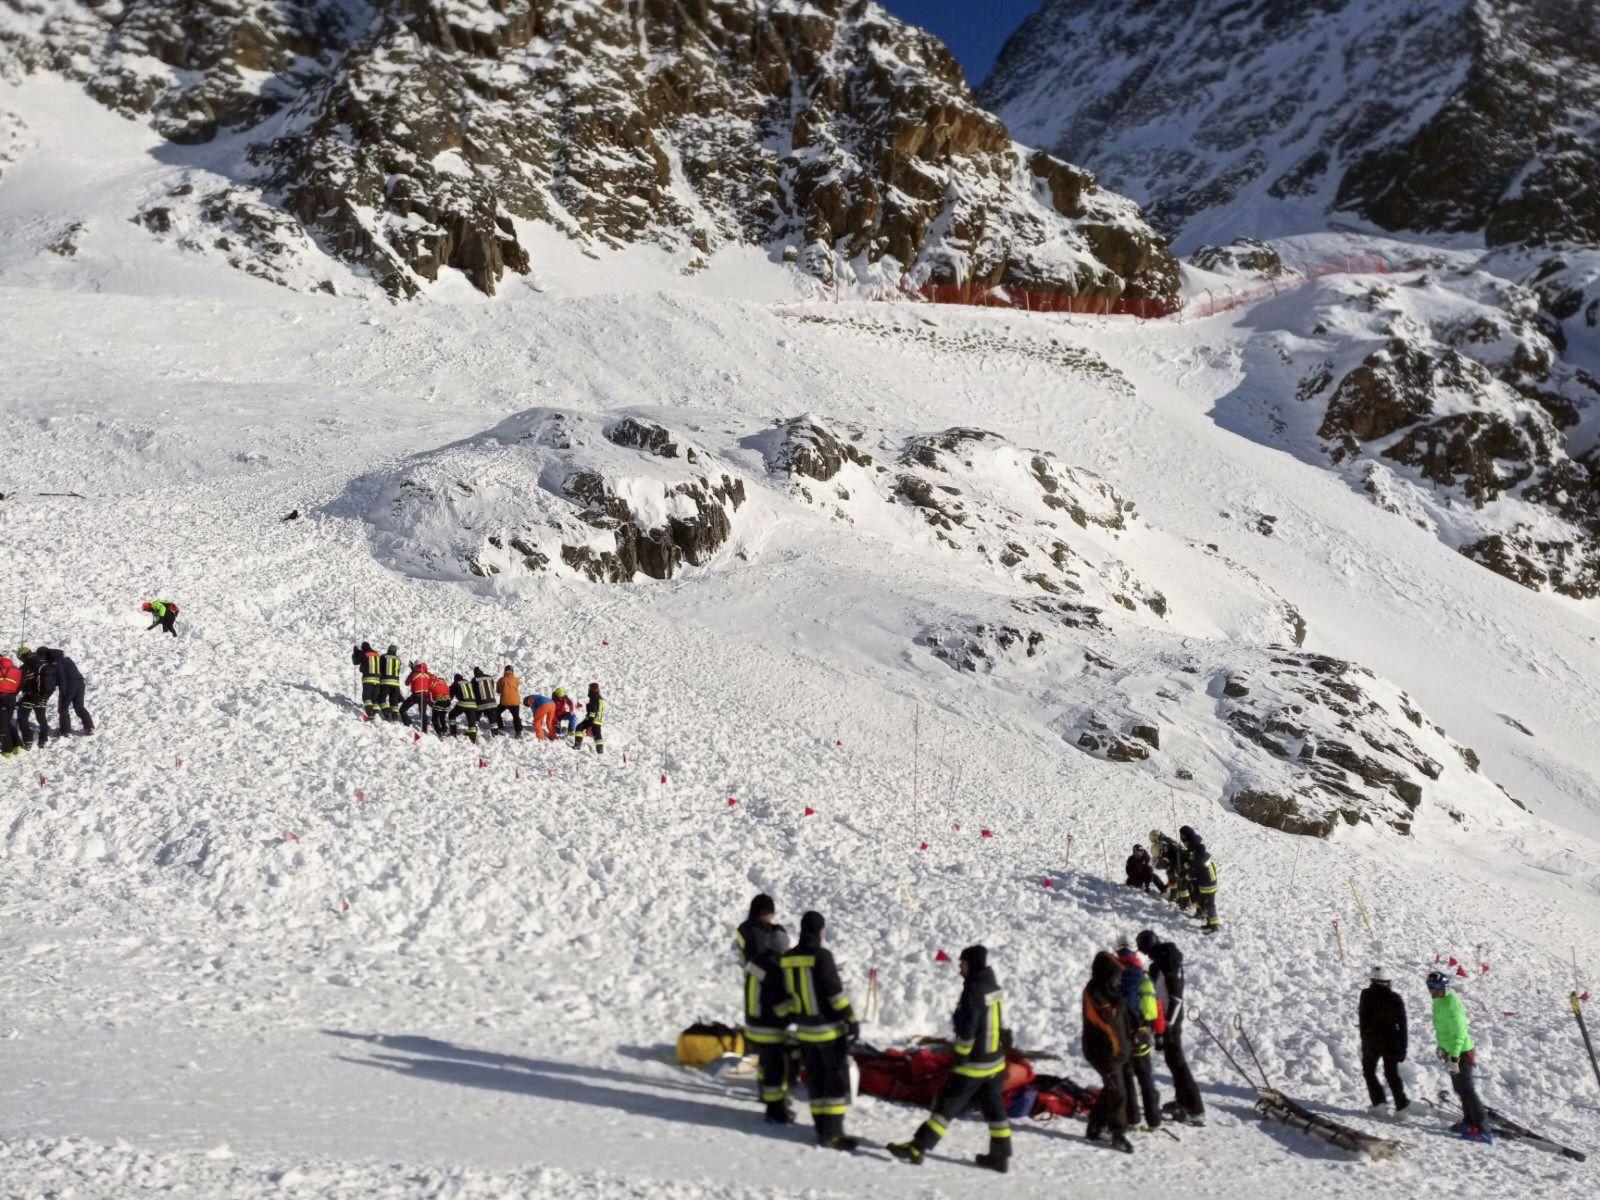 Lavína v Južnom Tirolsku zabila matku s dvomi 7-ročnými dcérami. Ďalších ľudí museli hospitalizovať